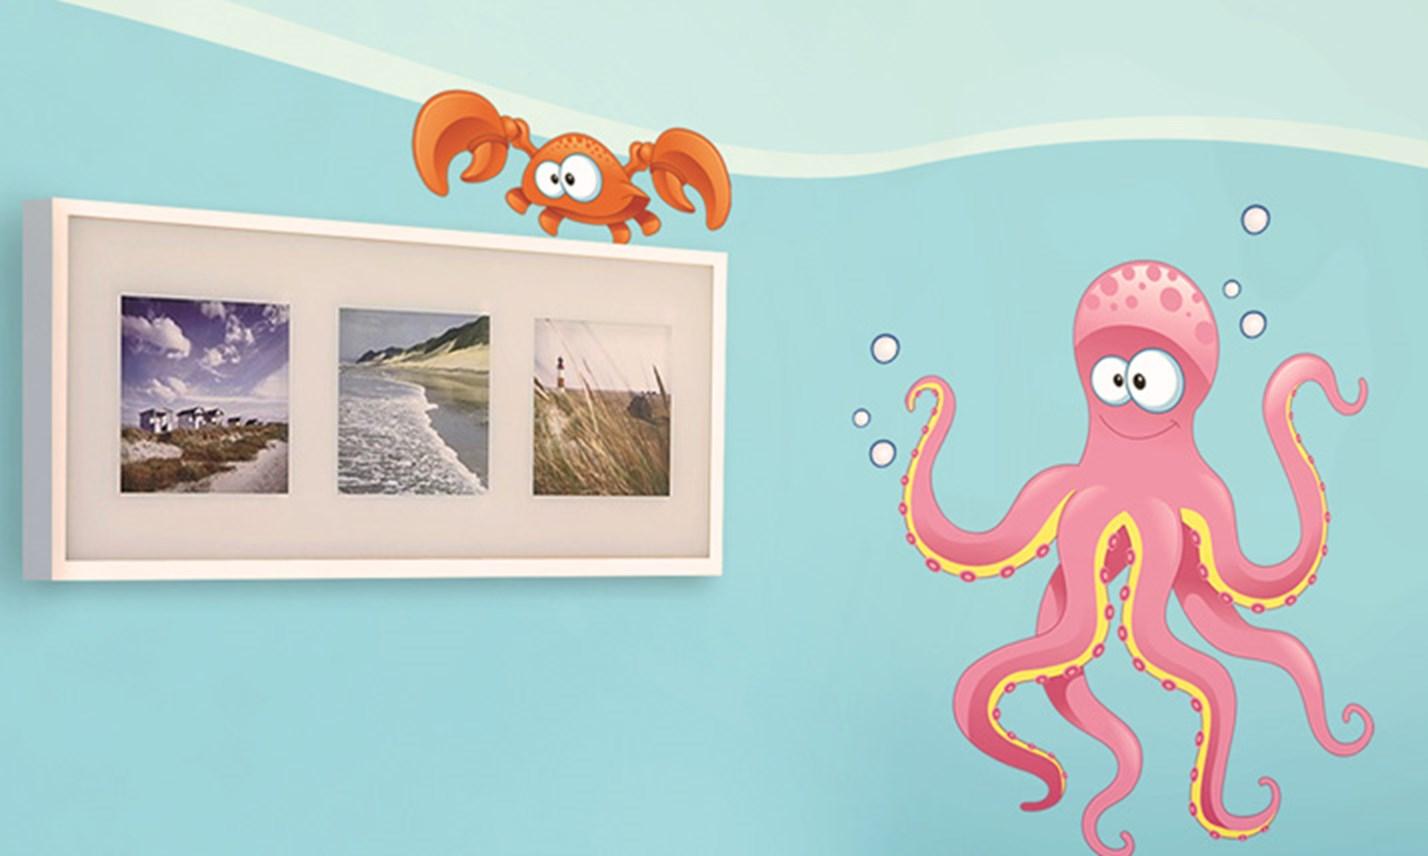 Stickers murali bambini cameretta sott 39 acqua leostickers - Camerette gioco per bambini ...